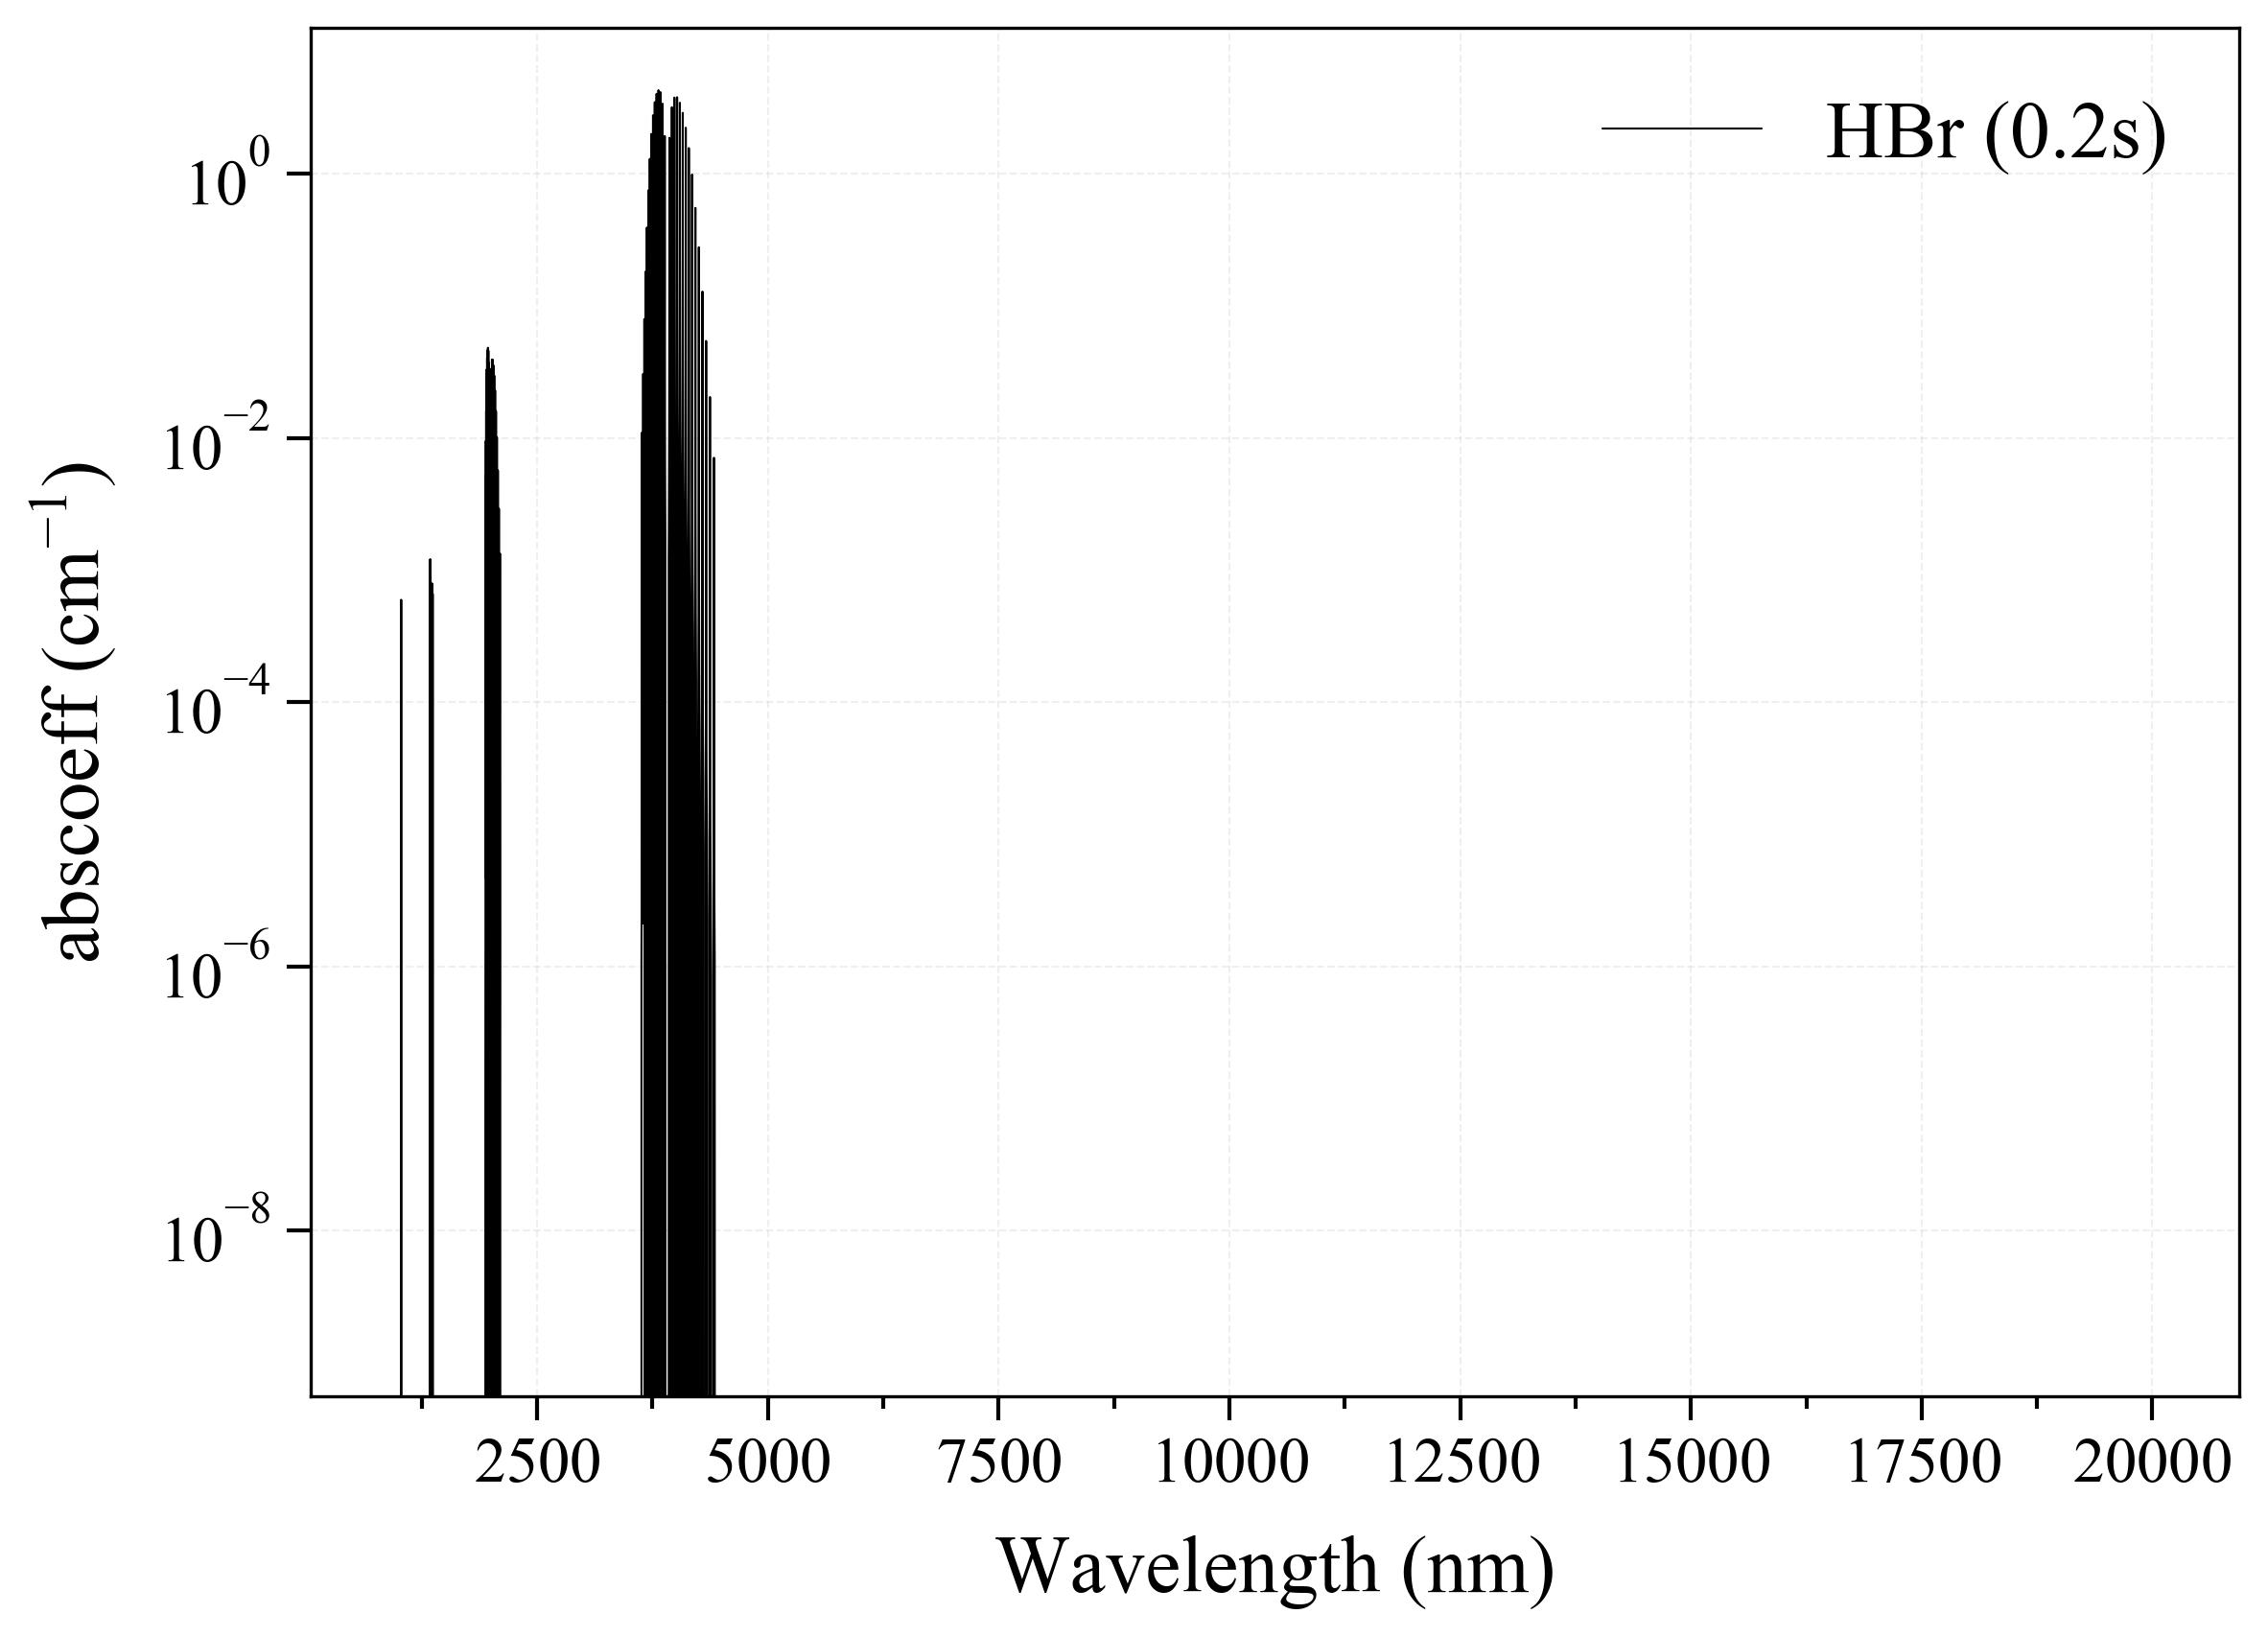 Hydrogen Bromide HBr infrared absorption coefficient